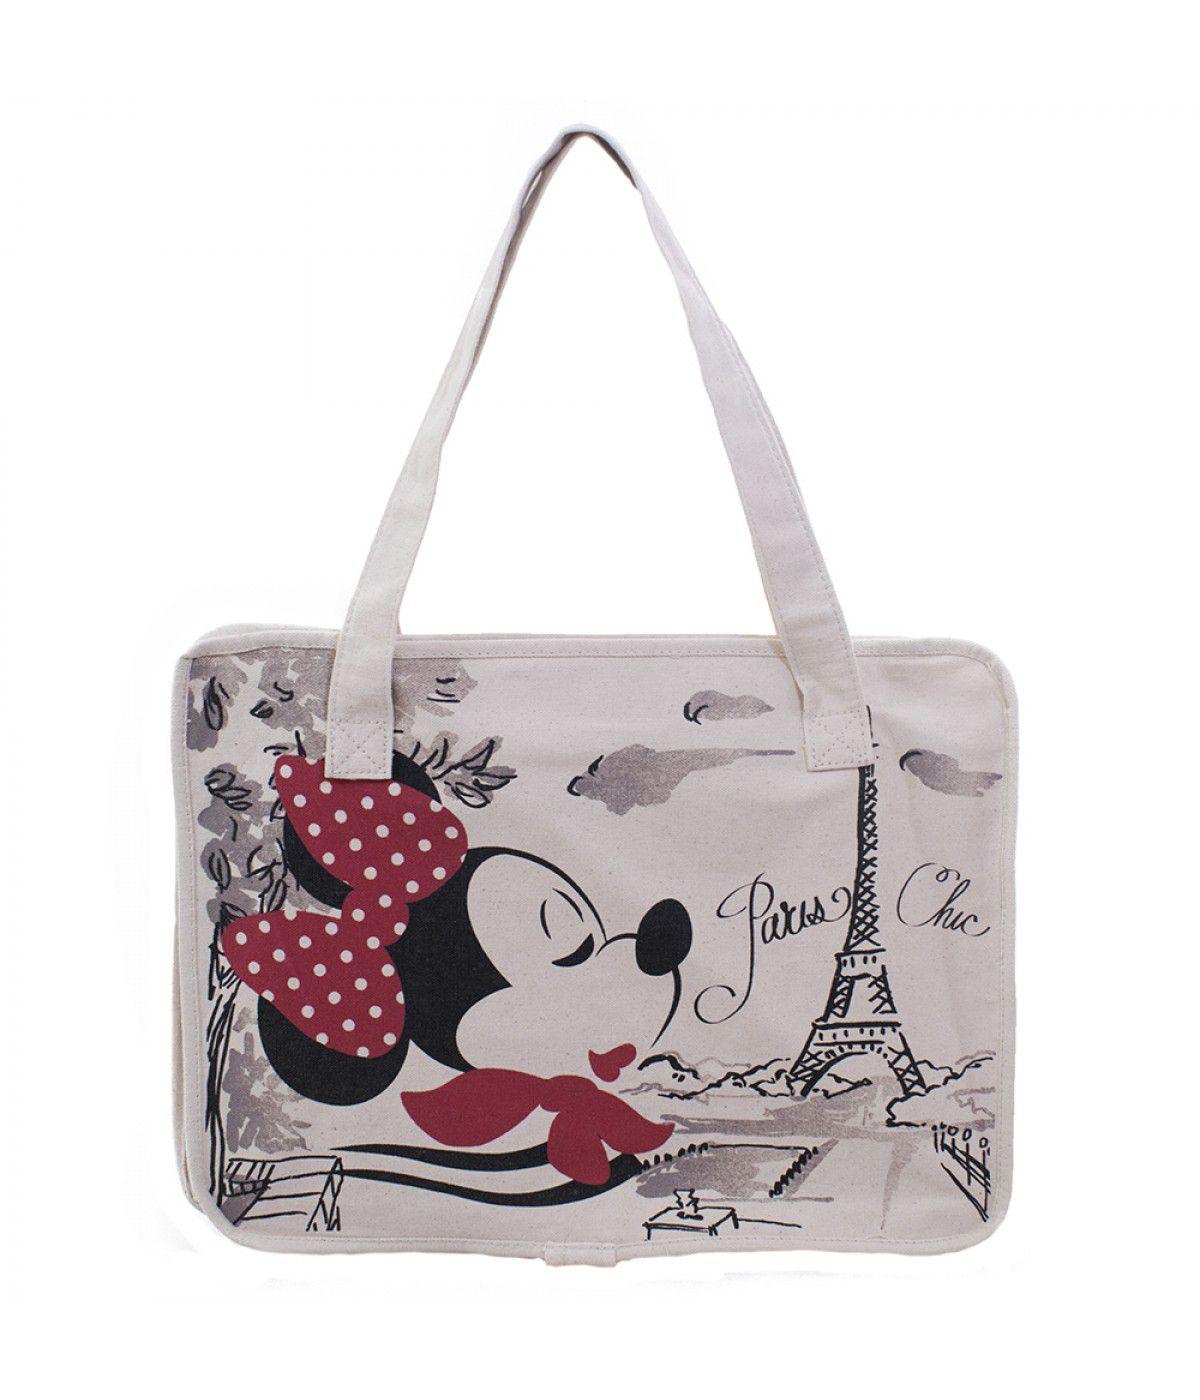 Bolsa Chic Minnie Em Paris